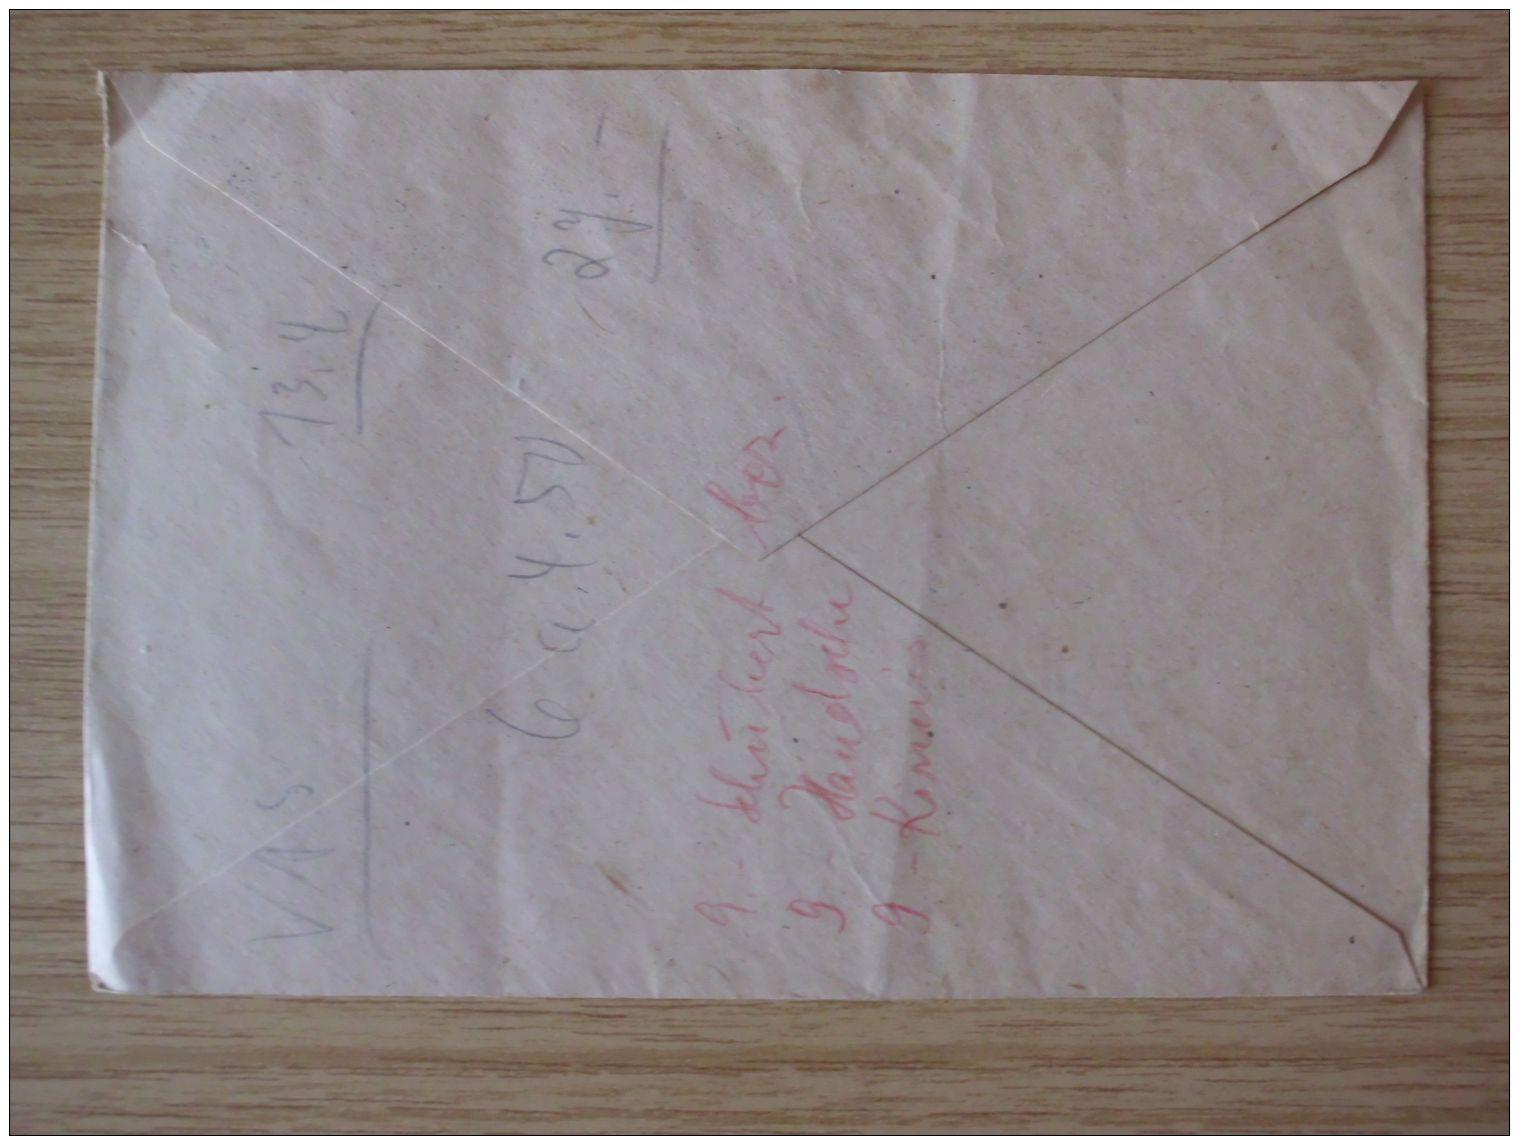 15.12.1948, BELEG Der ZWITTERSTOCK ALTENBERG, ZWEIGBETRIEB Der VVB BUNTMETALL Mit STEMPEL Von ALTENBERG (ERZGEB) - Zona Sovietica